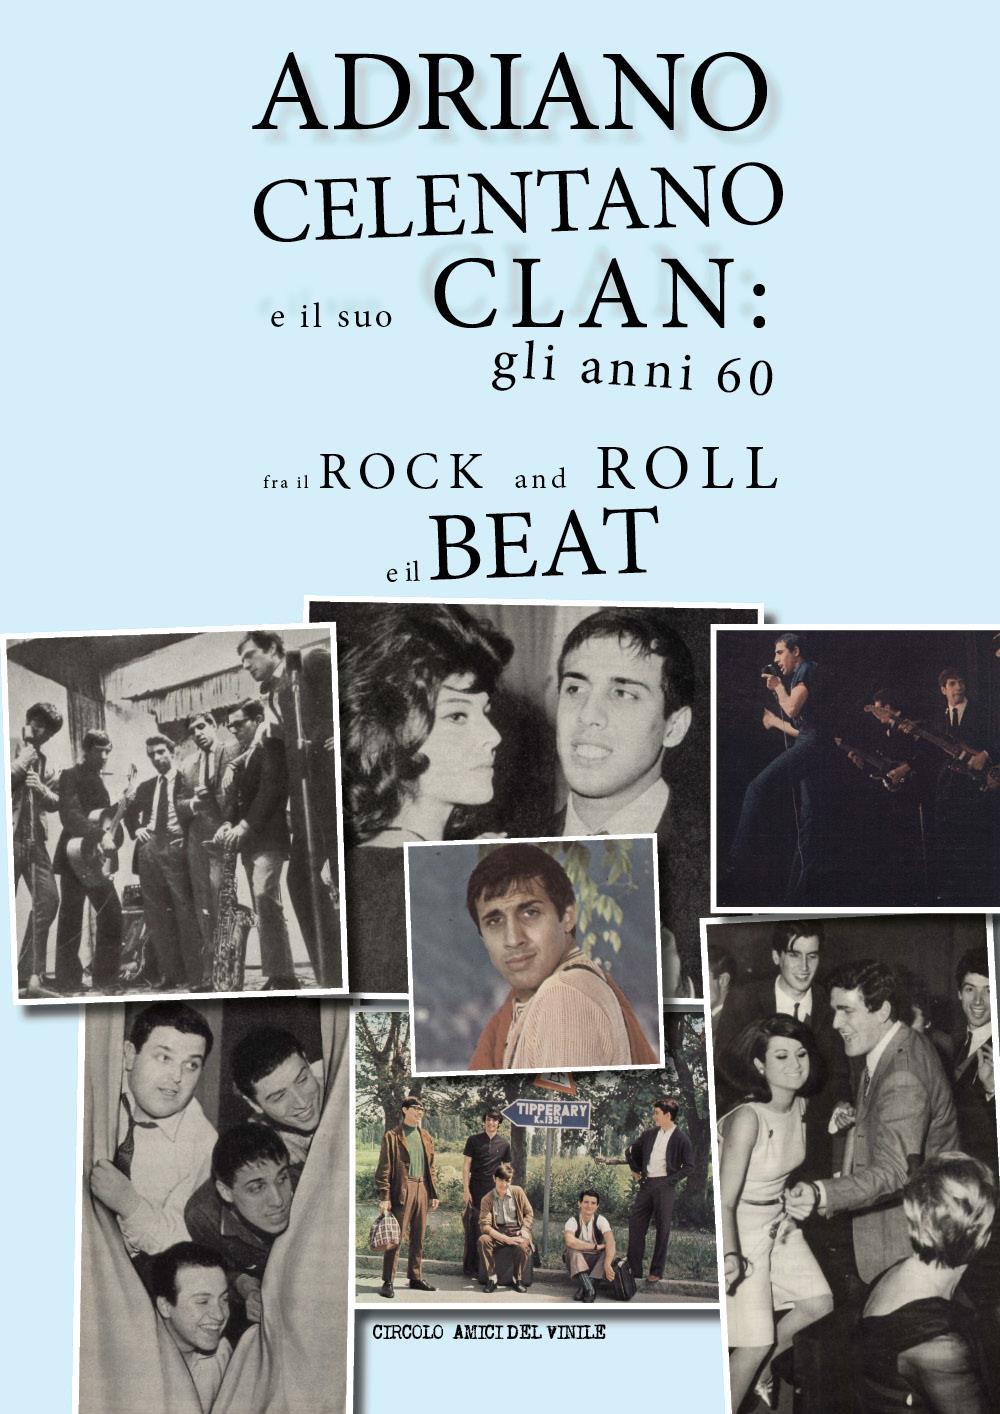 Adriano Celentano e il suo Clan: gli anni 60 fra il rock and roll e il beat